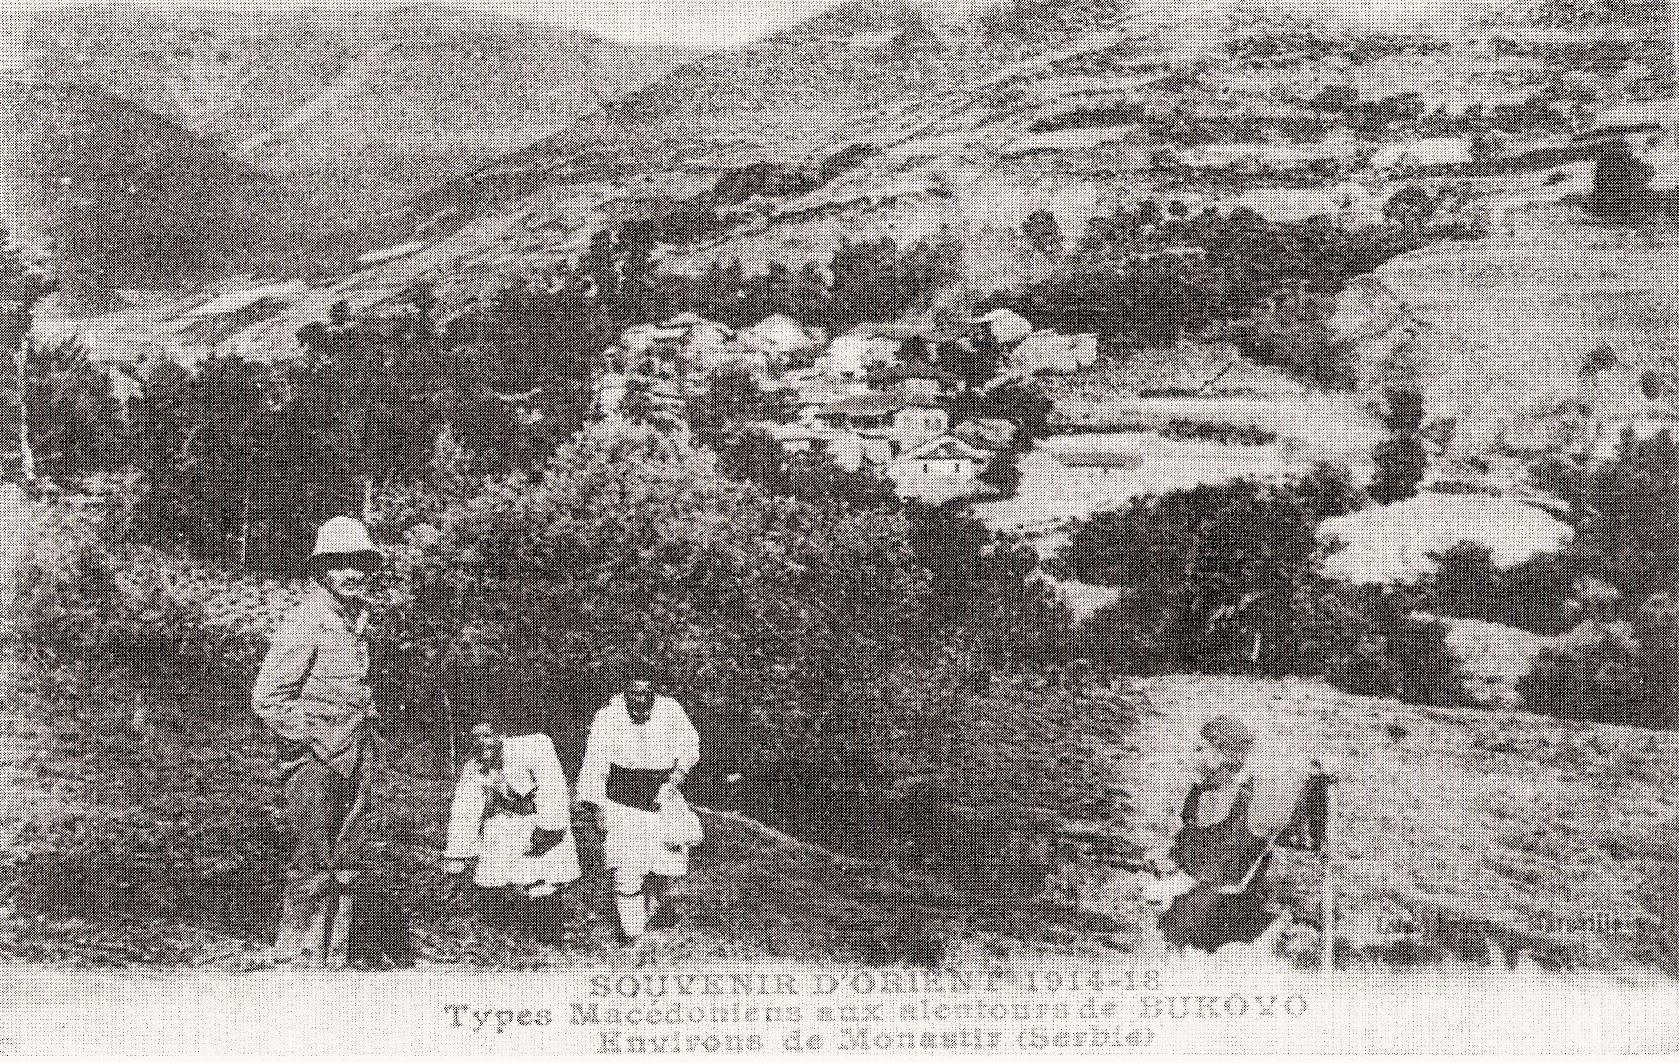 Μπούκοβο Μοναστηρίου Βόρειας Μακεδονίας